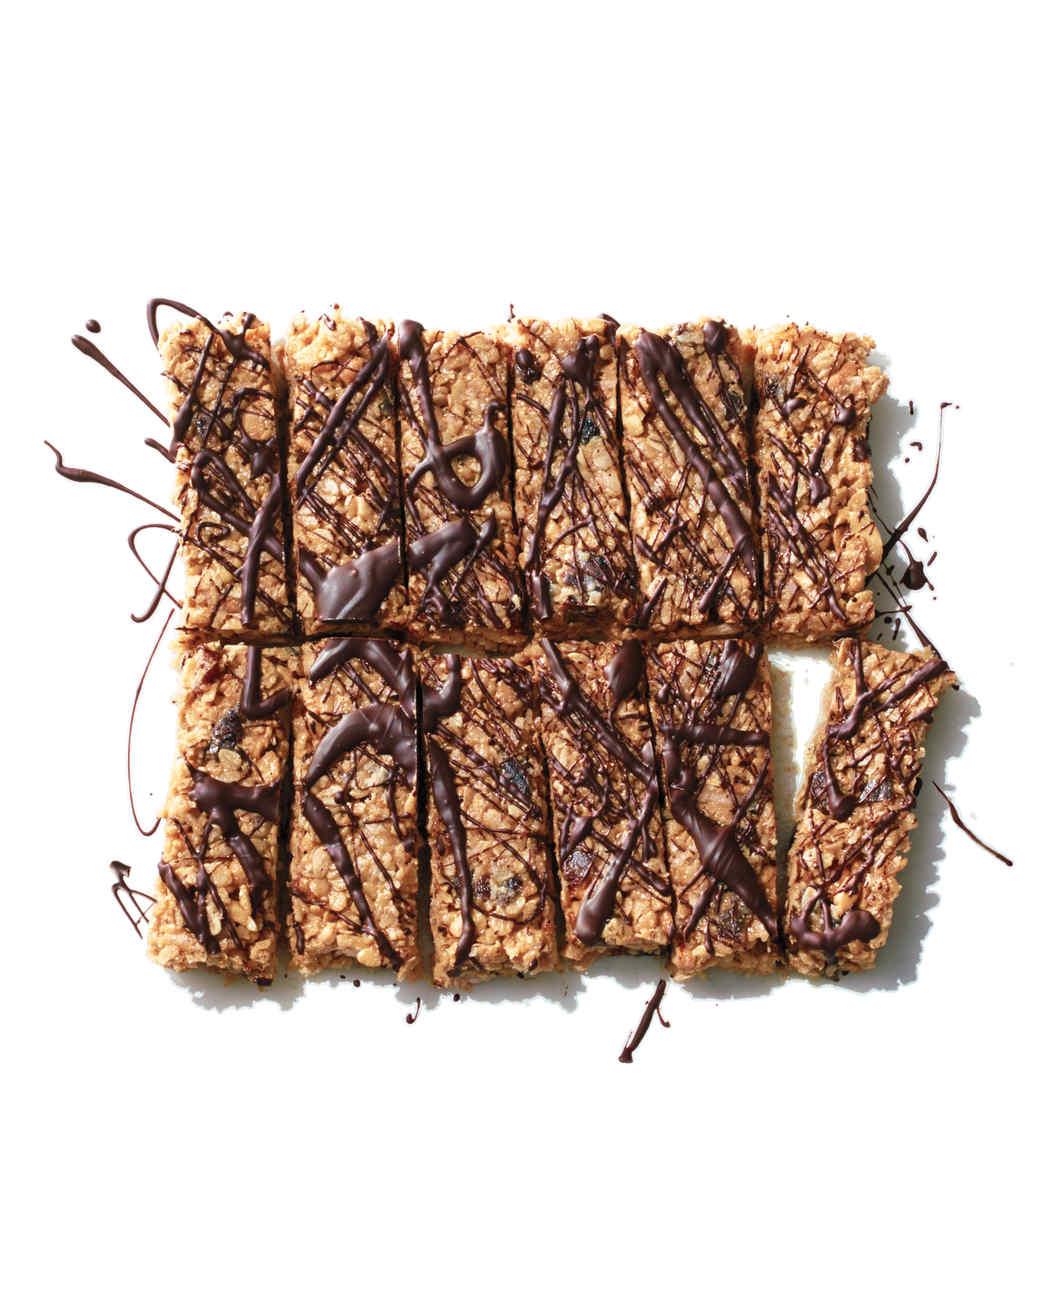 cashew-date-bar-303-d112253.jpg